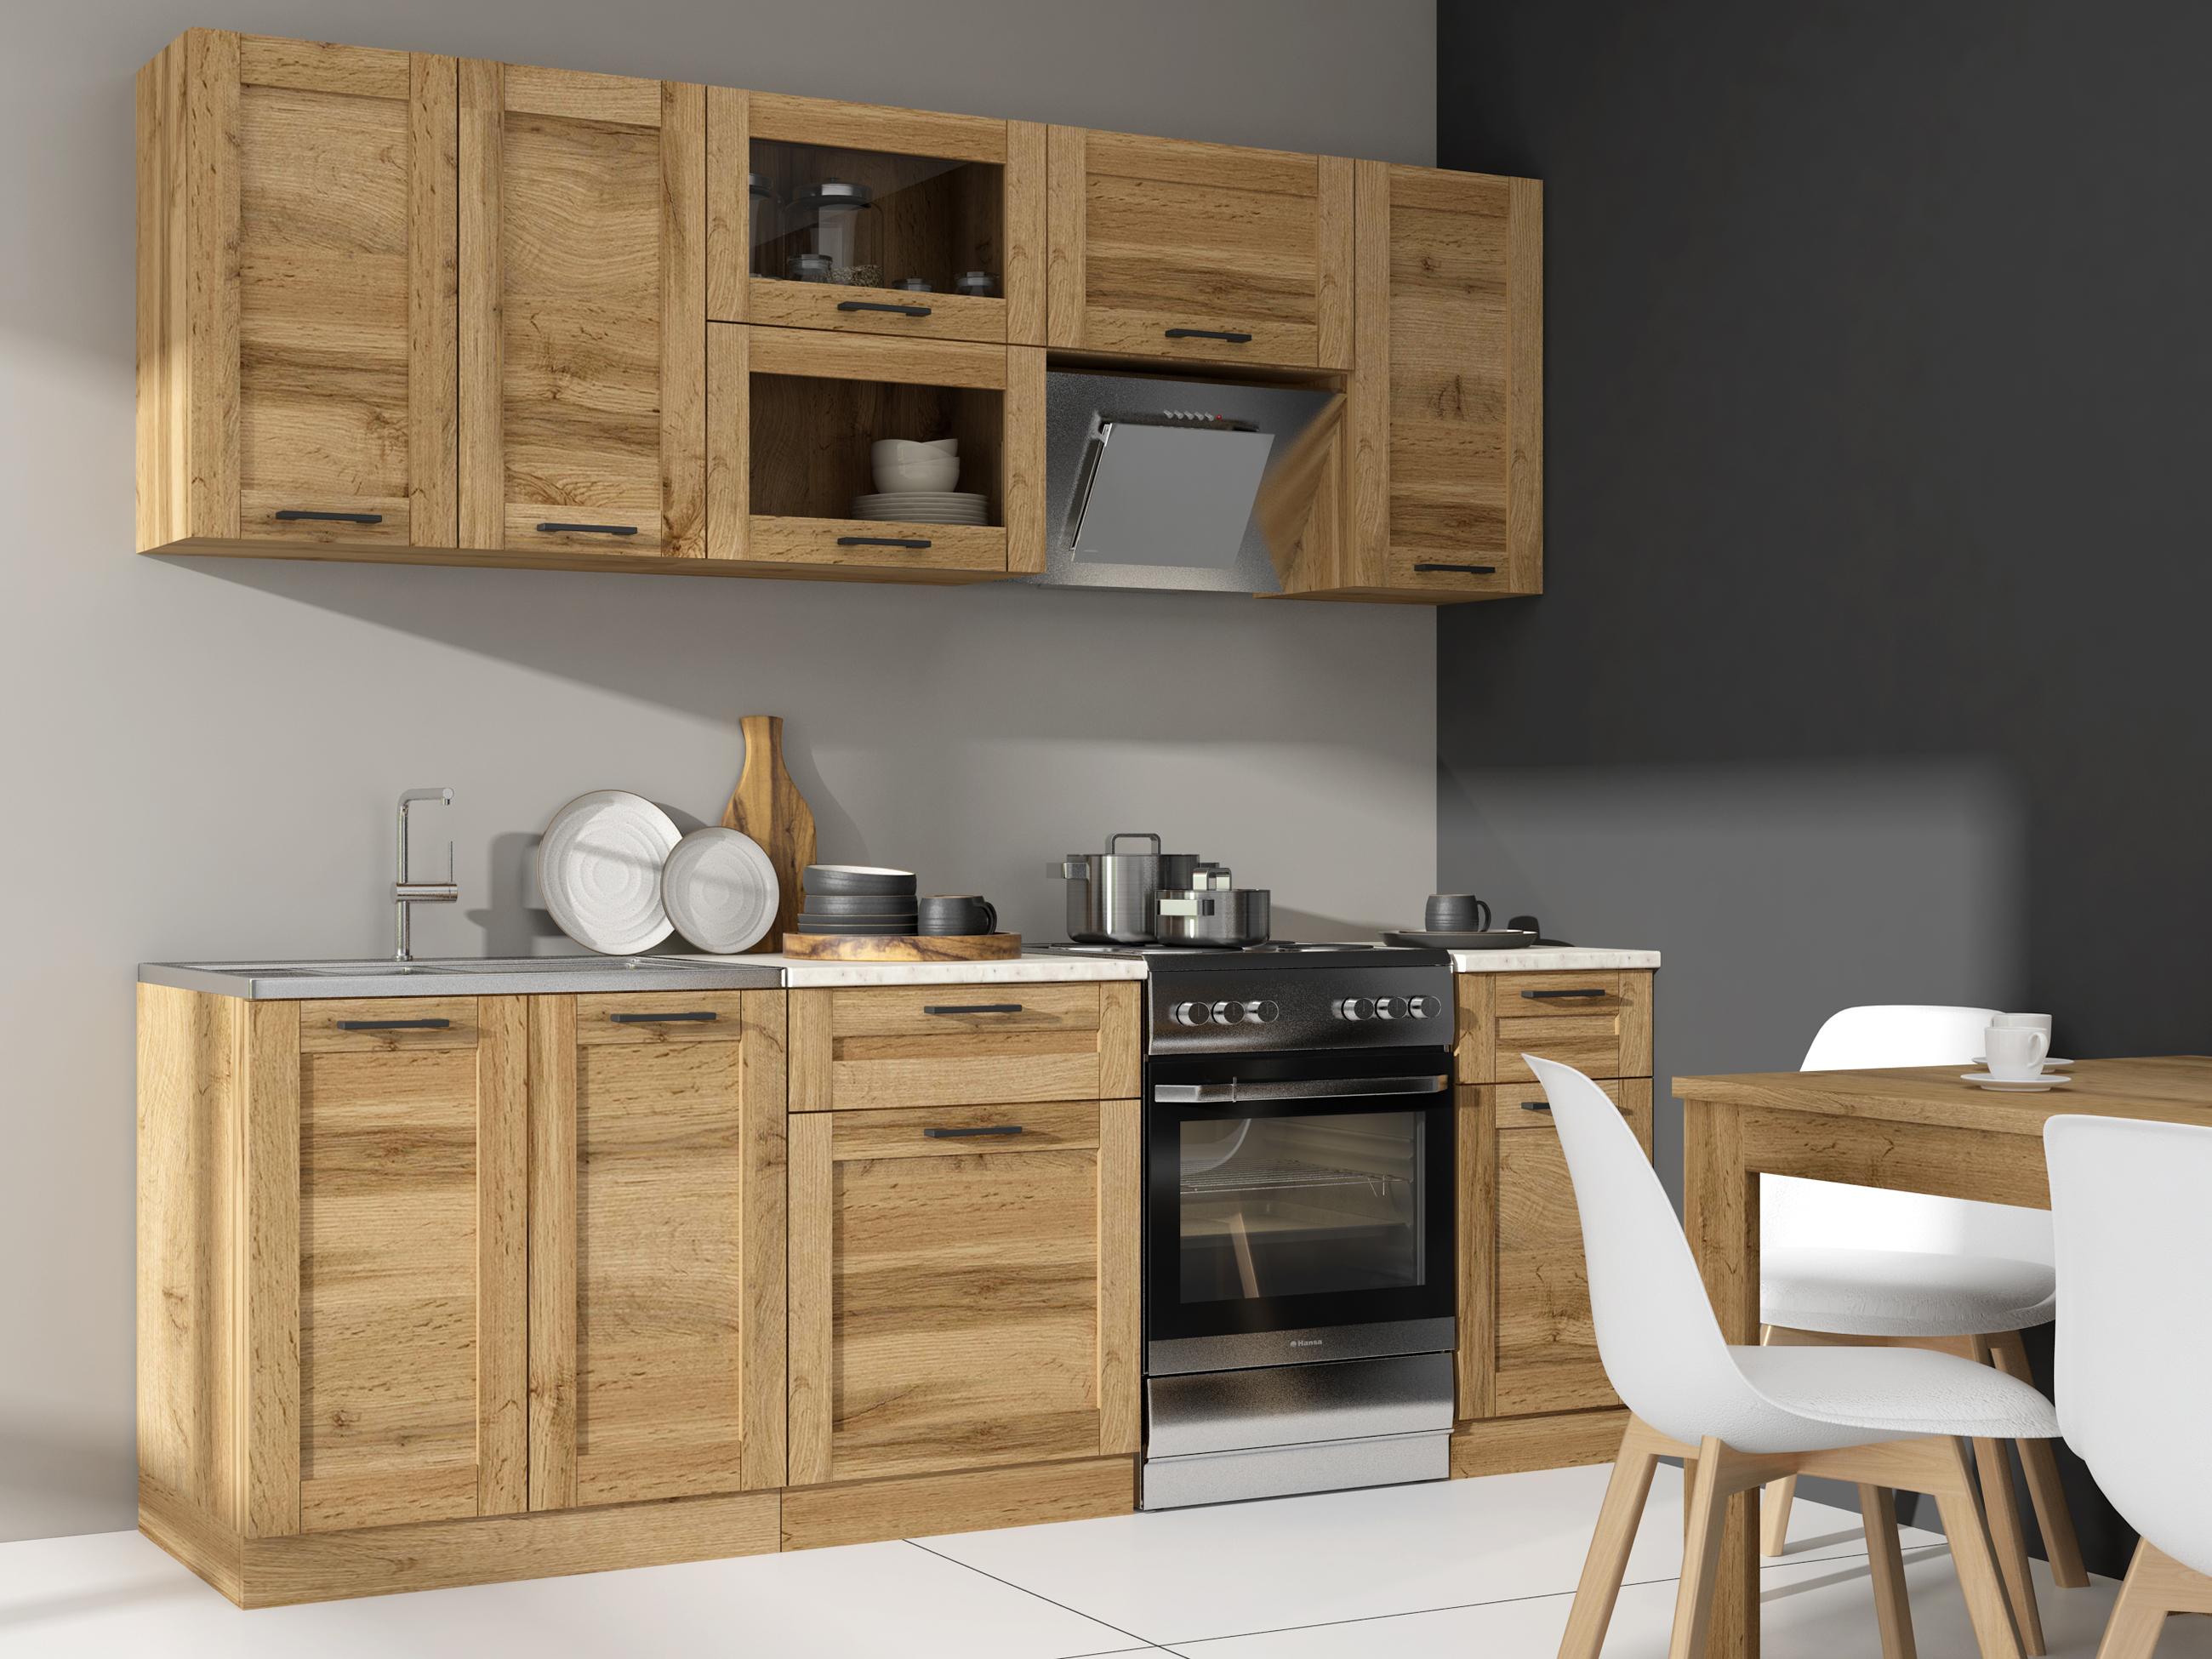 Kuchyně - Renar - Jamajka 240 cm dub wotan